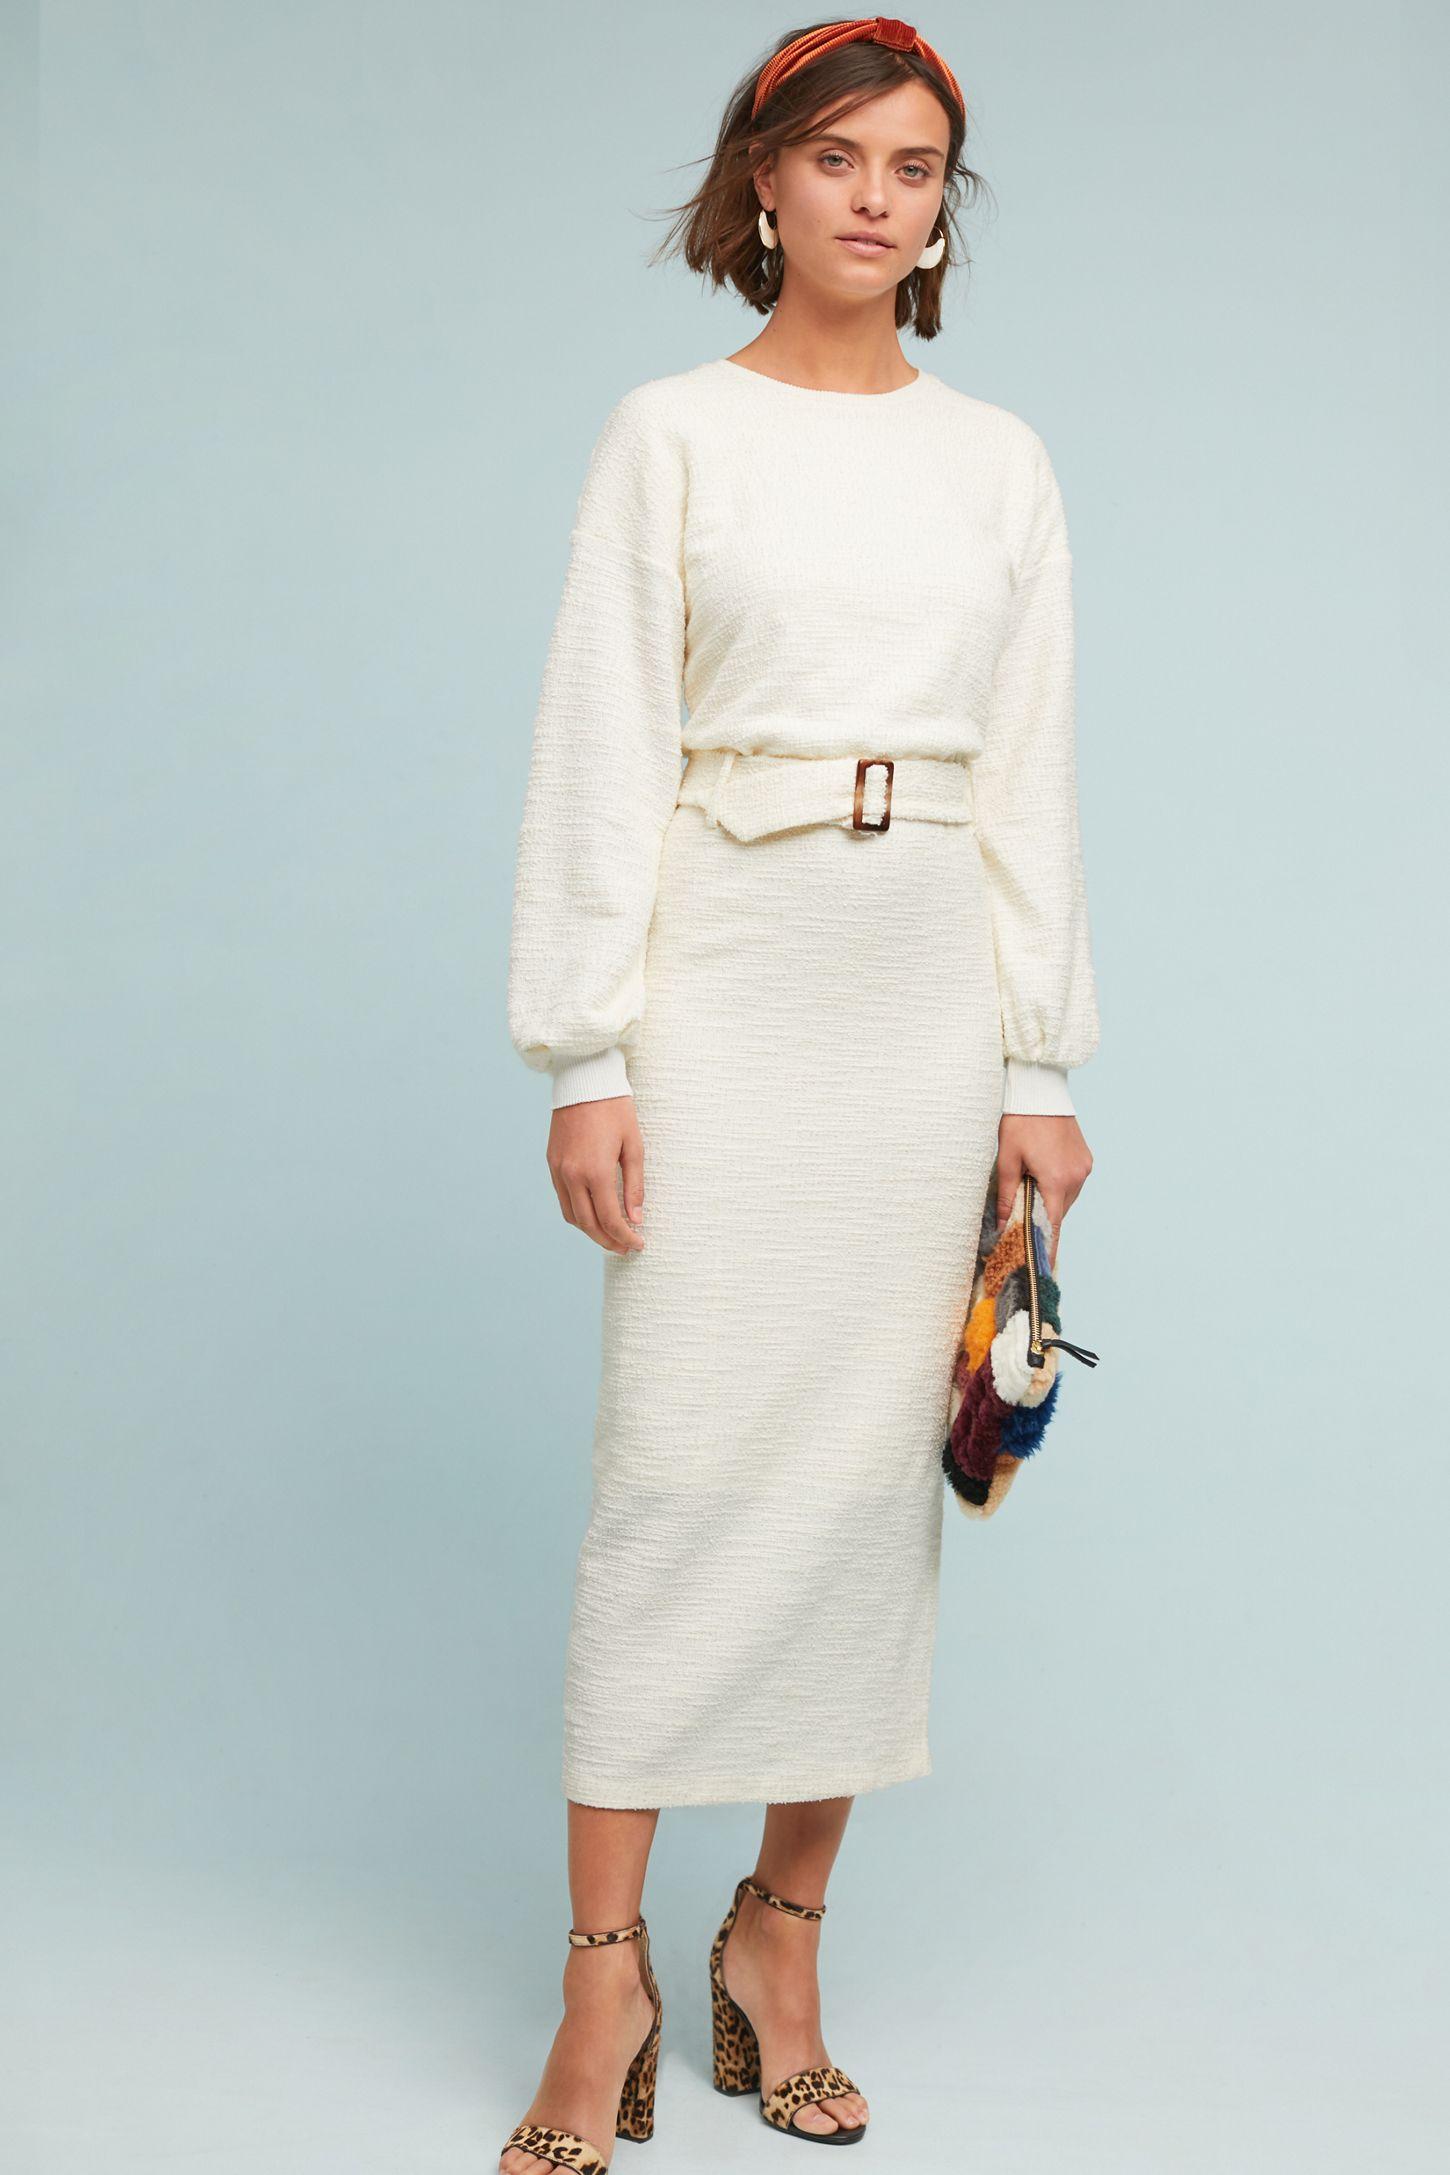 c7a1840d1ce Jacqueline Belted Dress